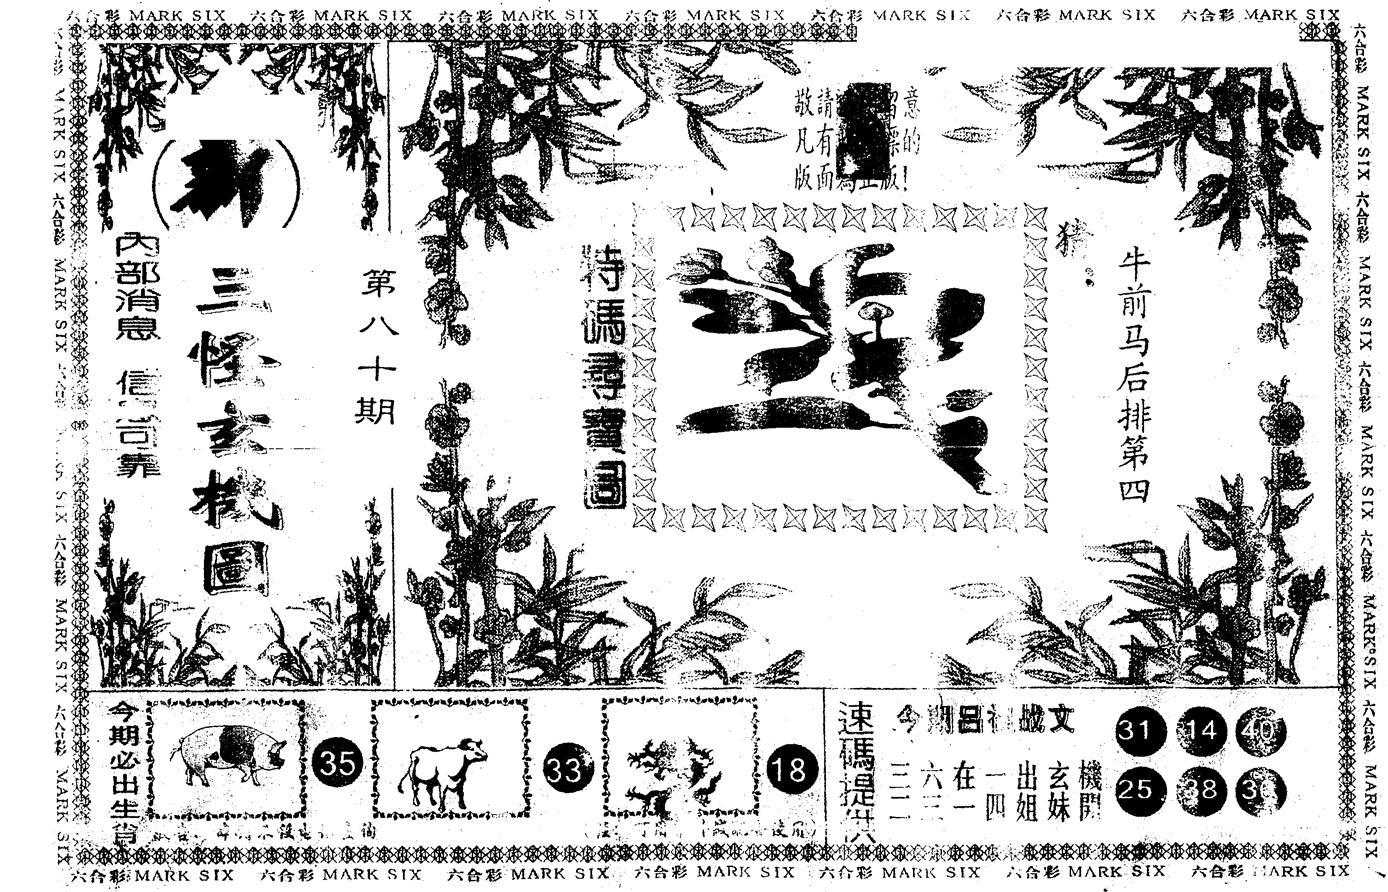 080期另版新三怪(黑白)